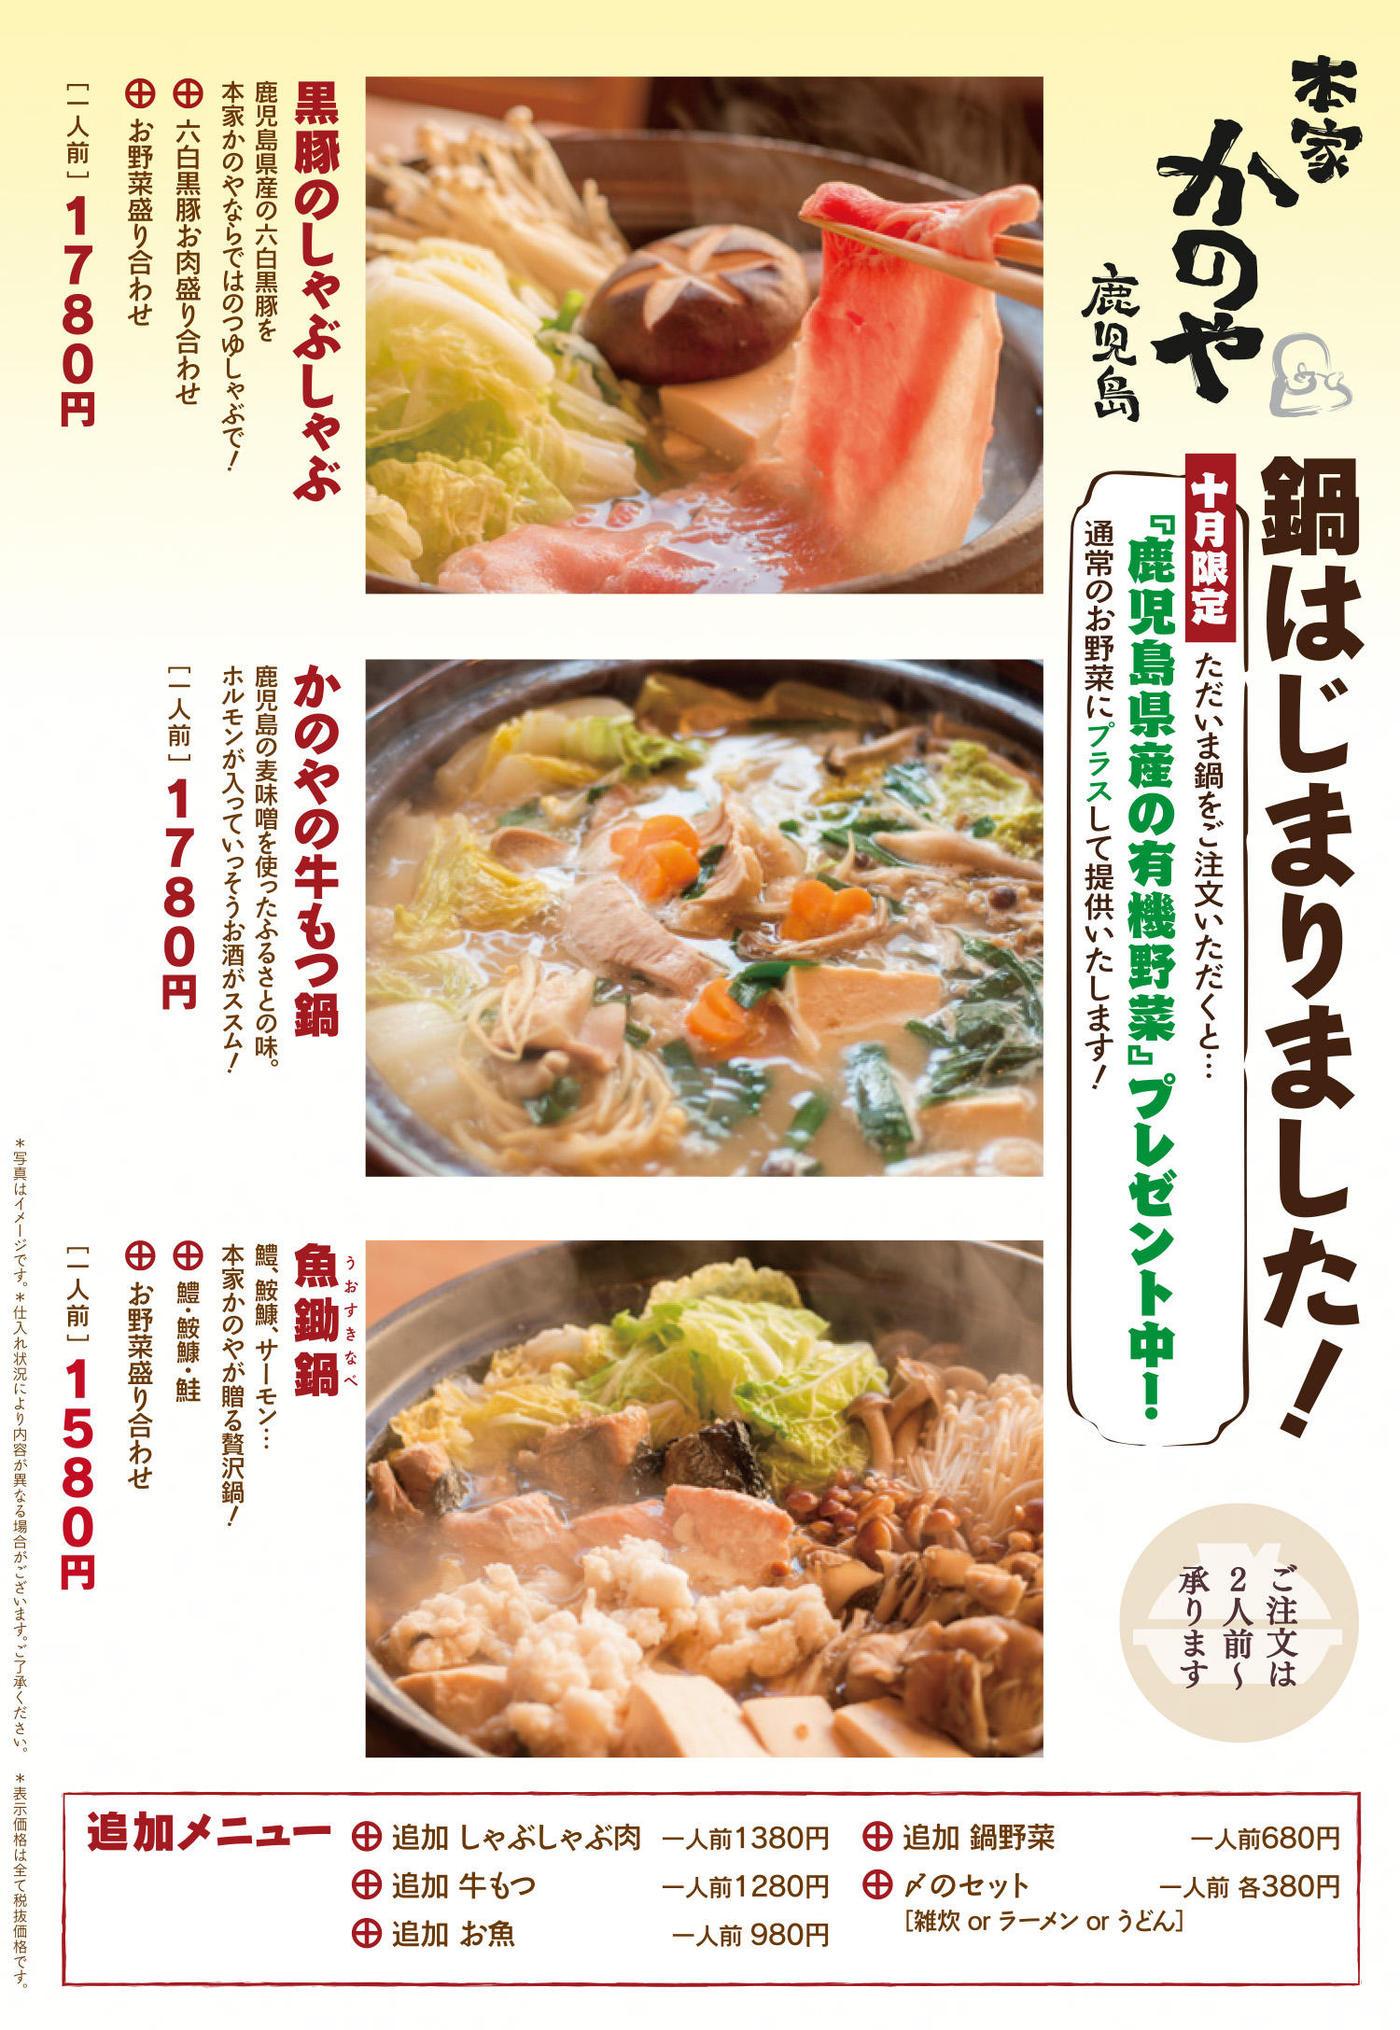 kanoya_1710_nabemenu.jpg